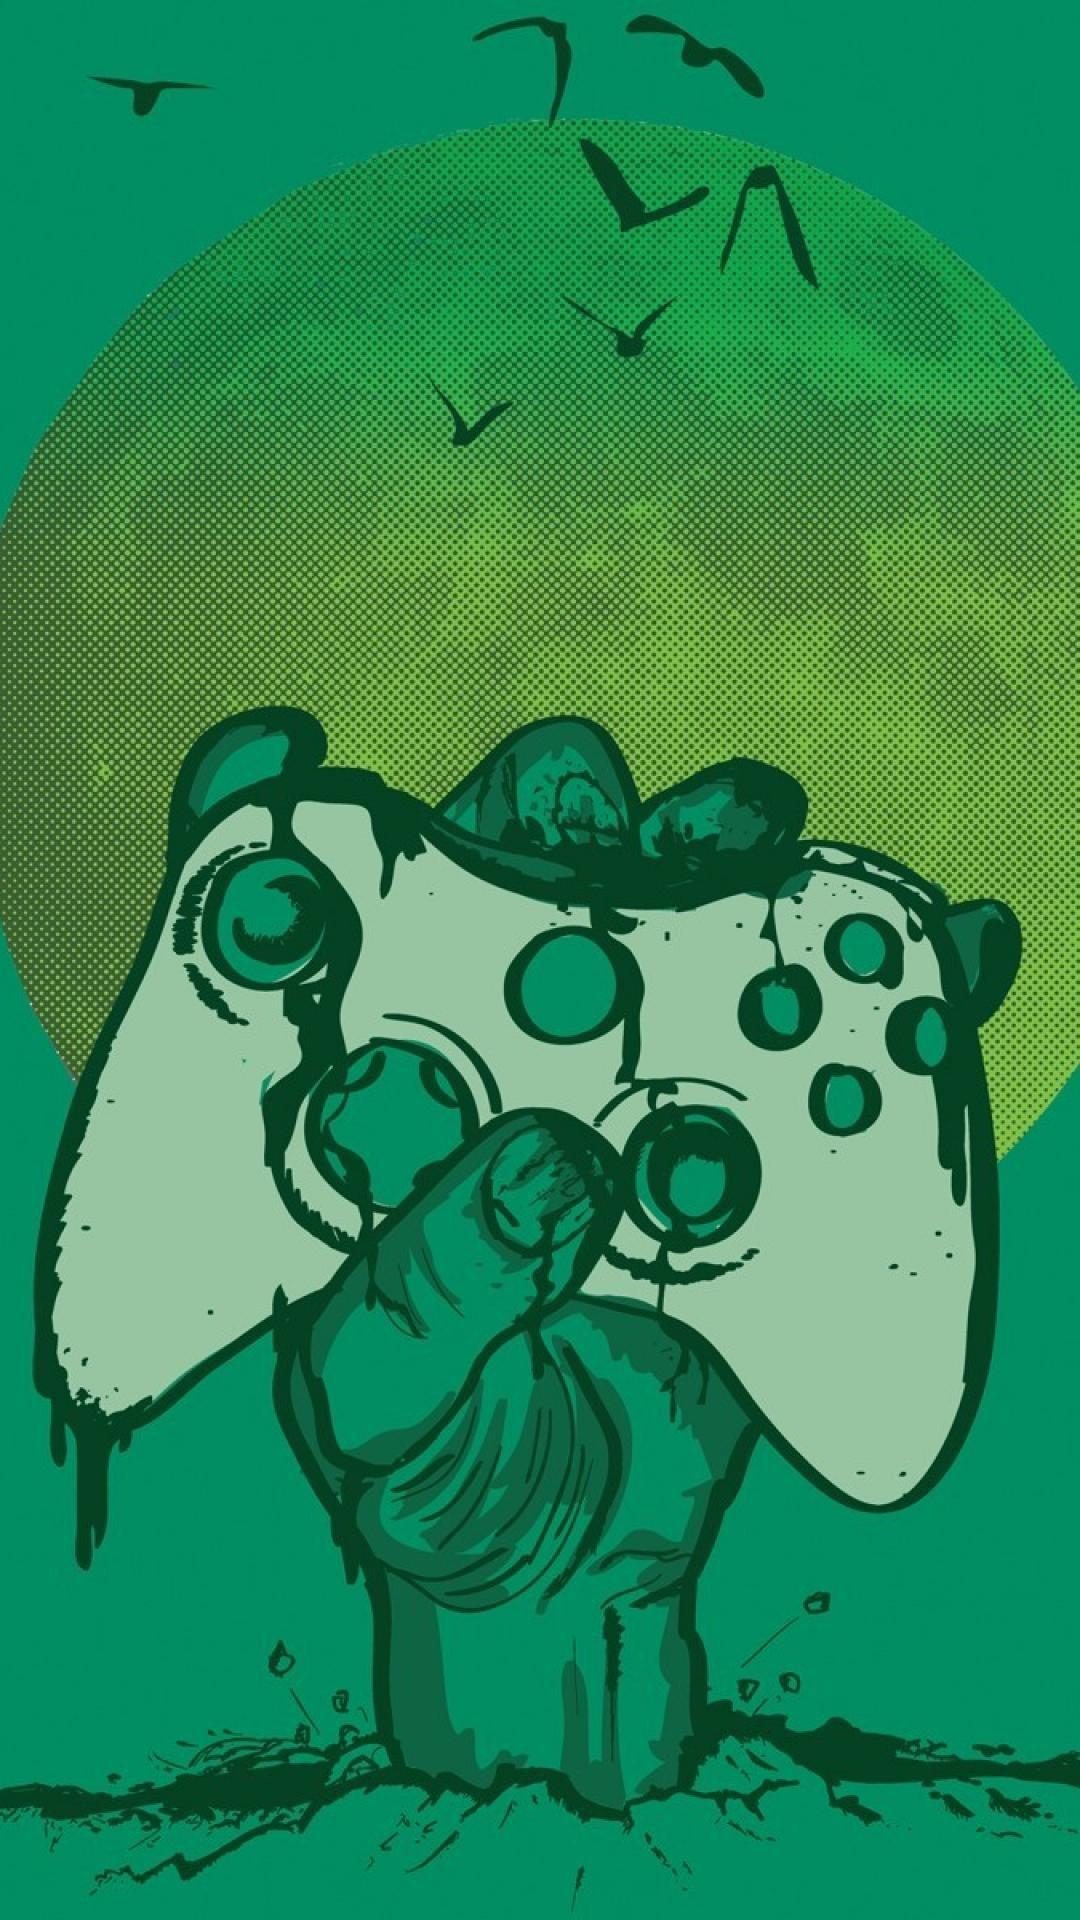 Xbox Art, Joystick